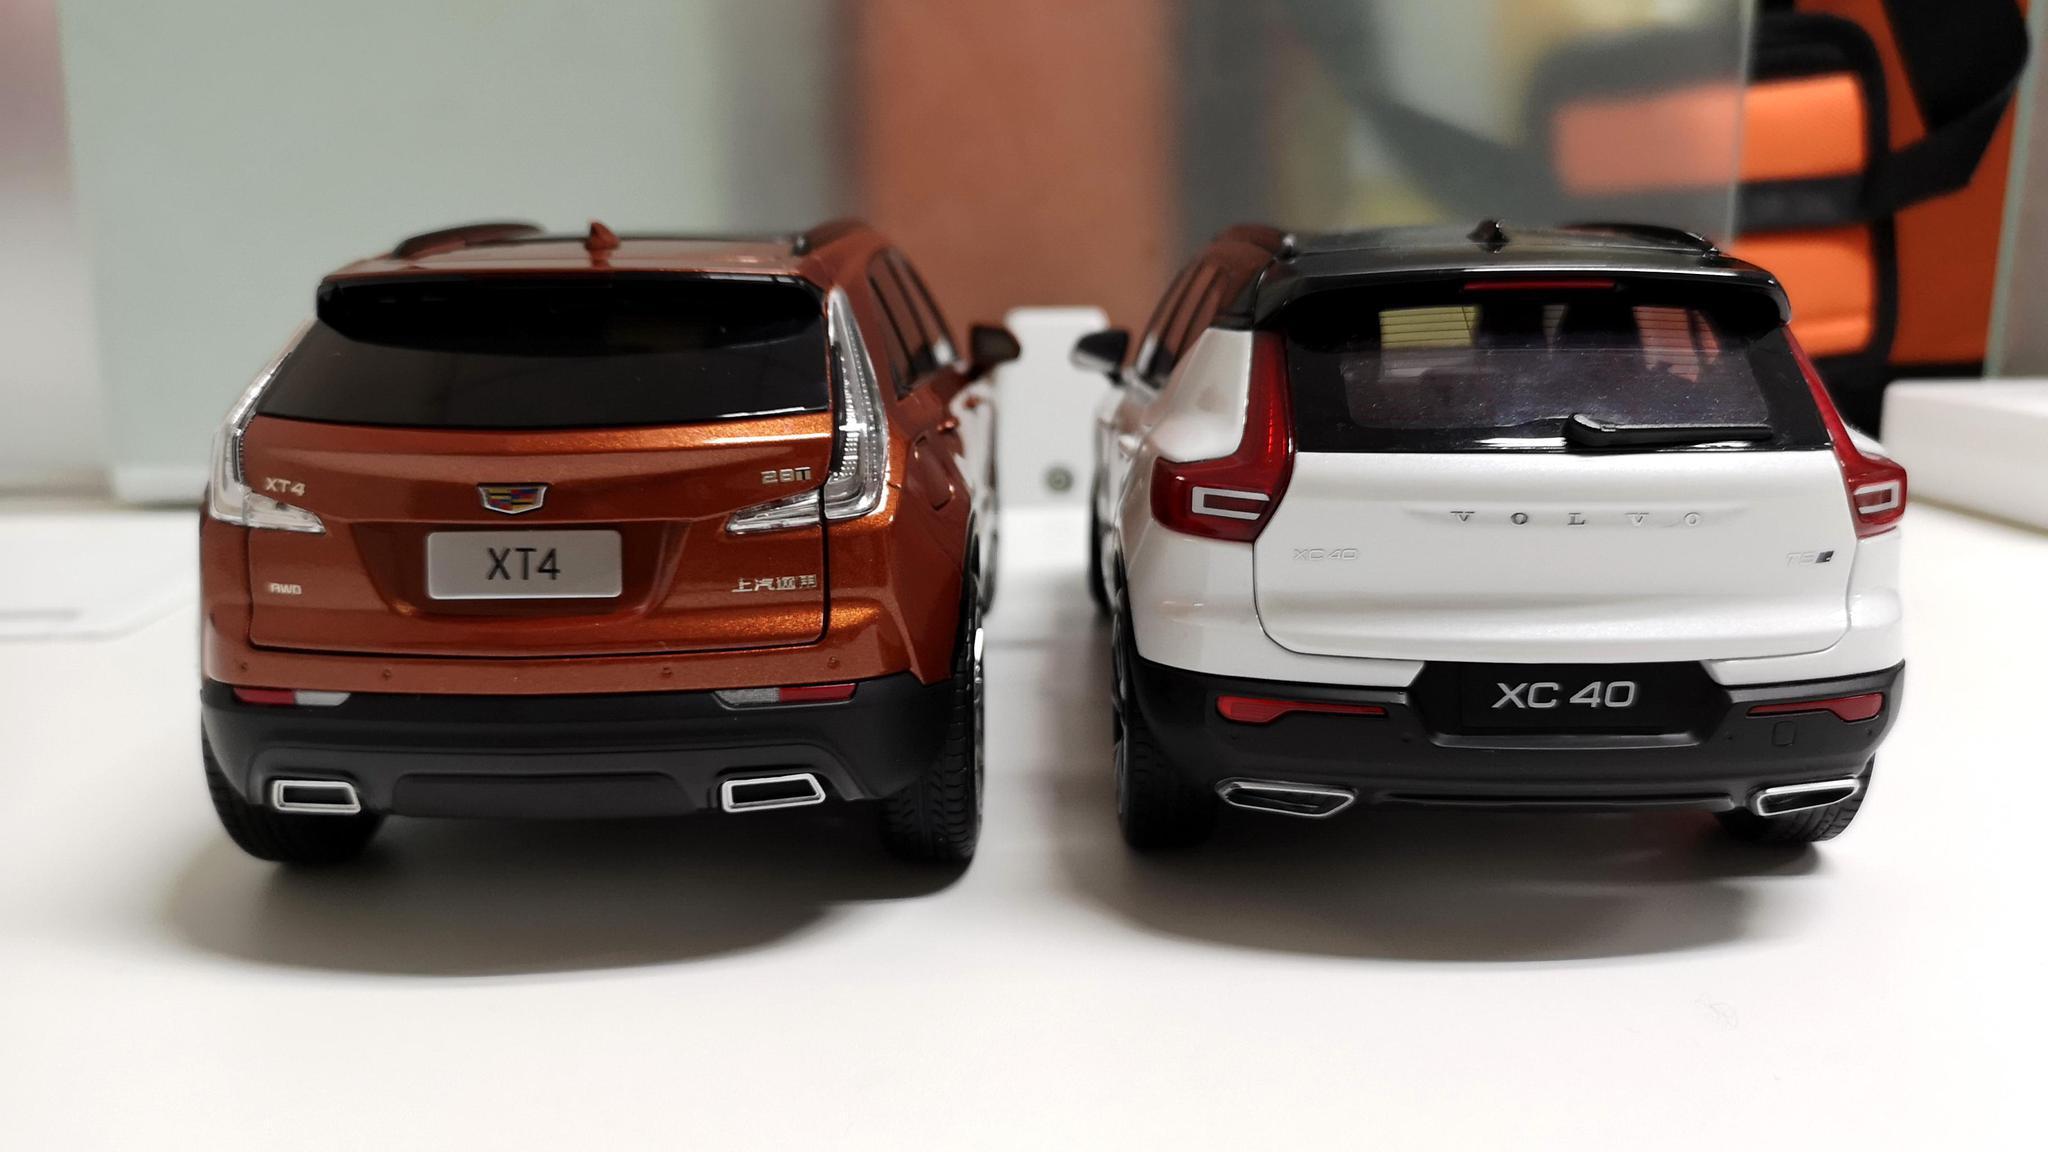 视频:沃尔沃CX40和凯迪拉克XT4该怎么选?看完对比分析就清楚了